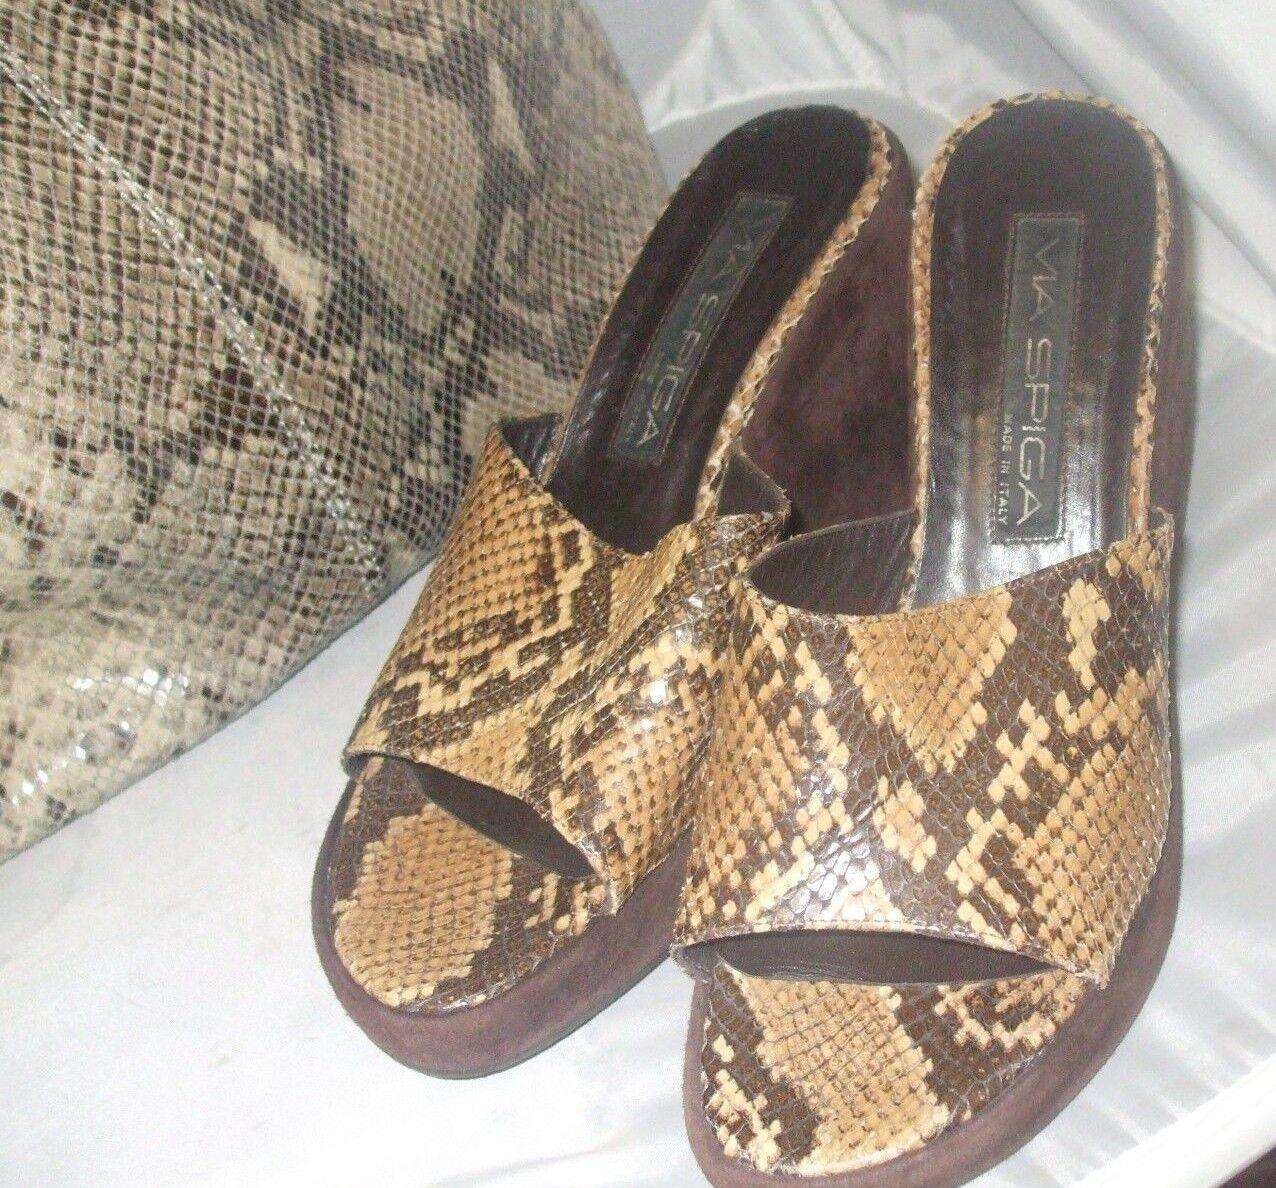 Via Spiga 7.5 Made in  Python Pattern Leather Slip On Women's Sandal